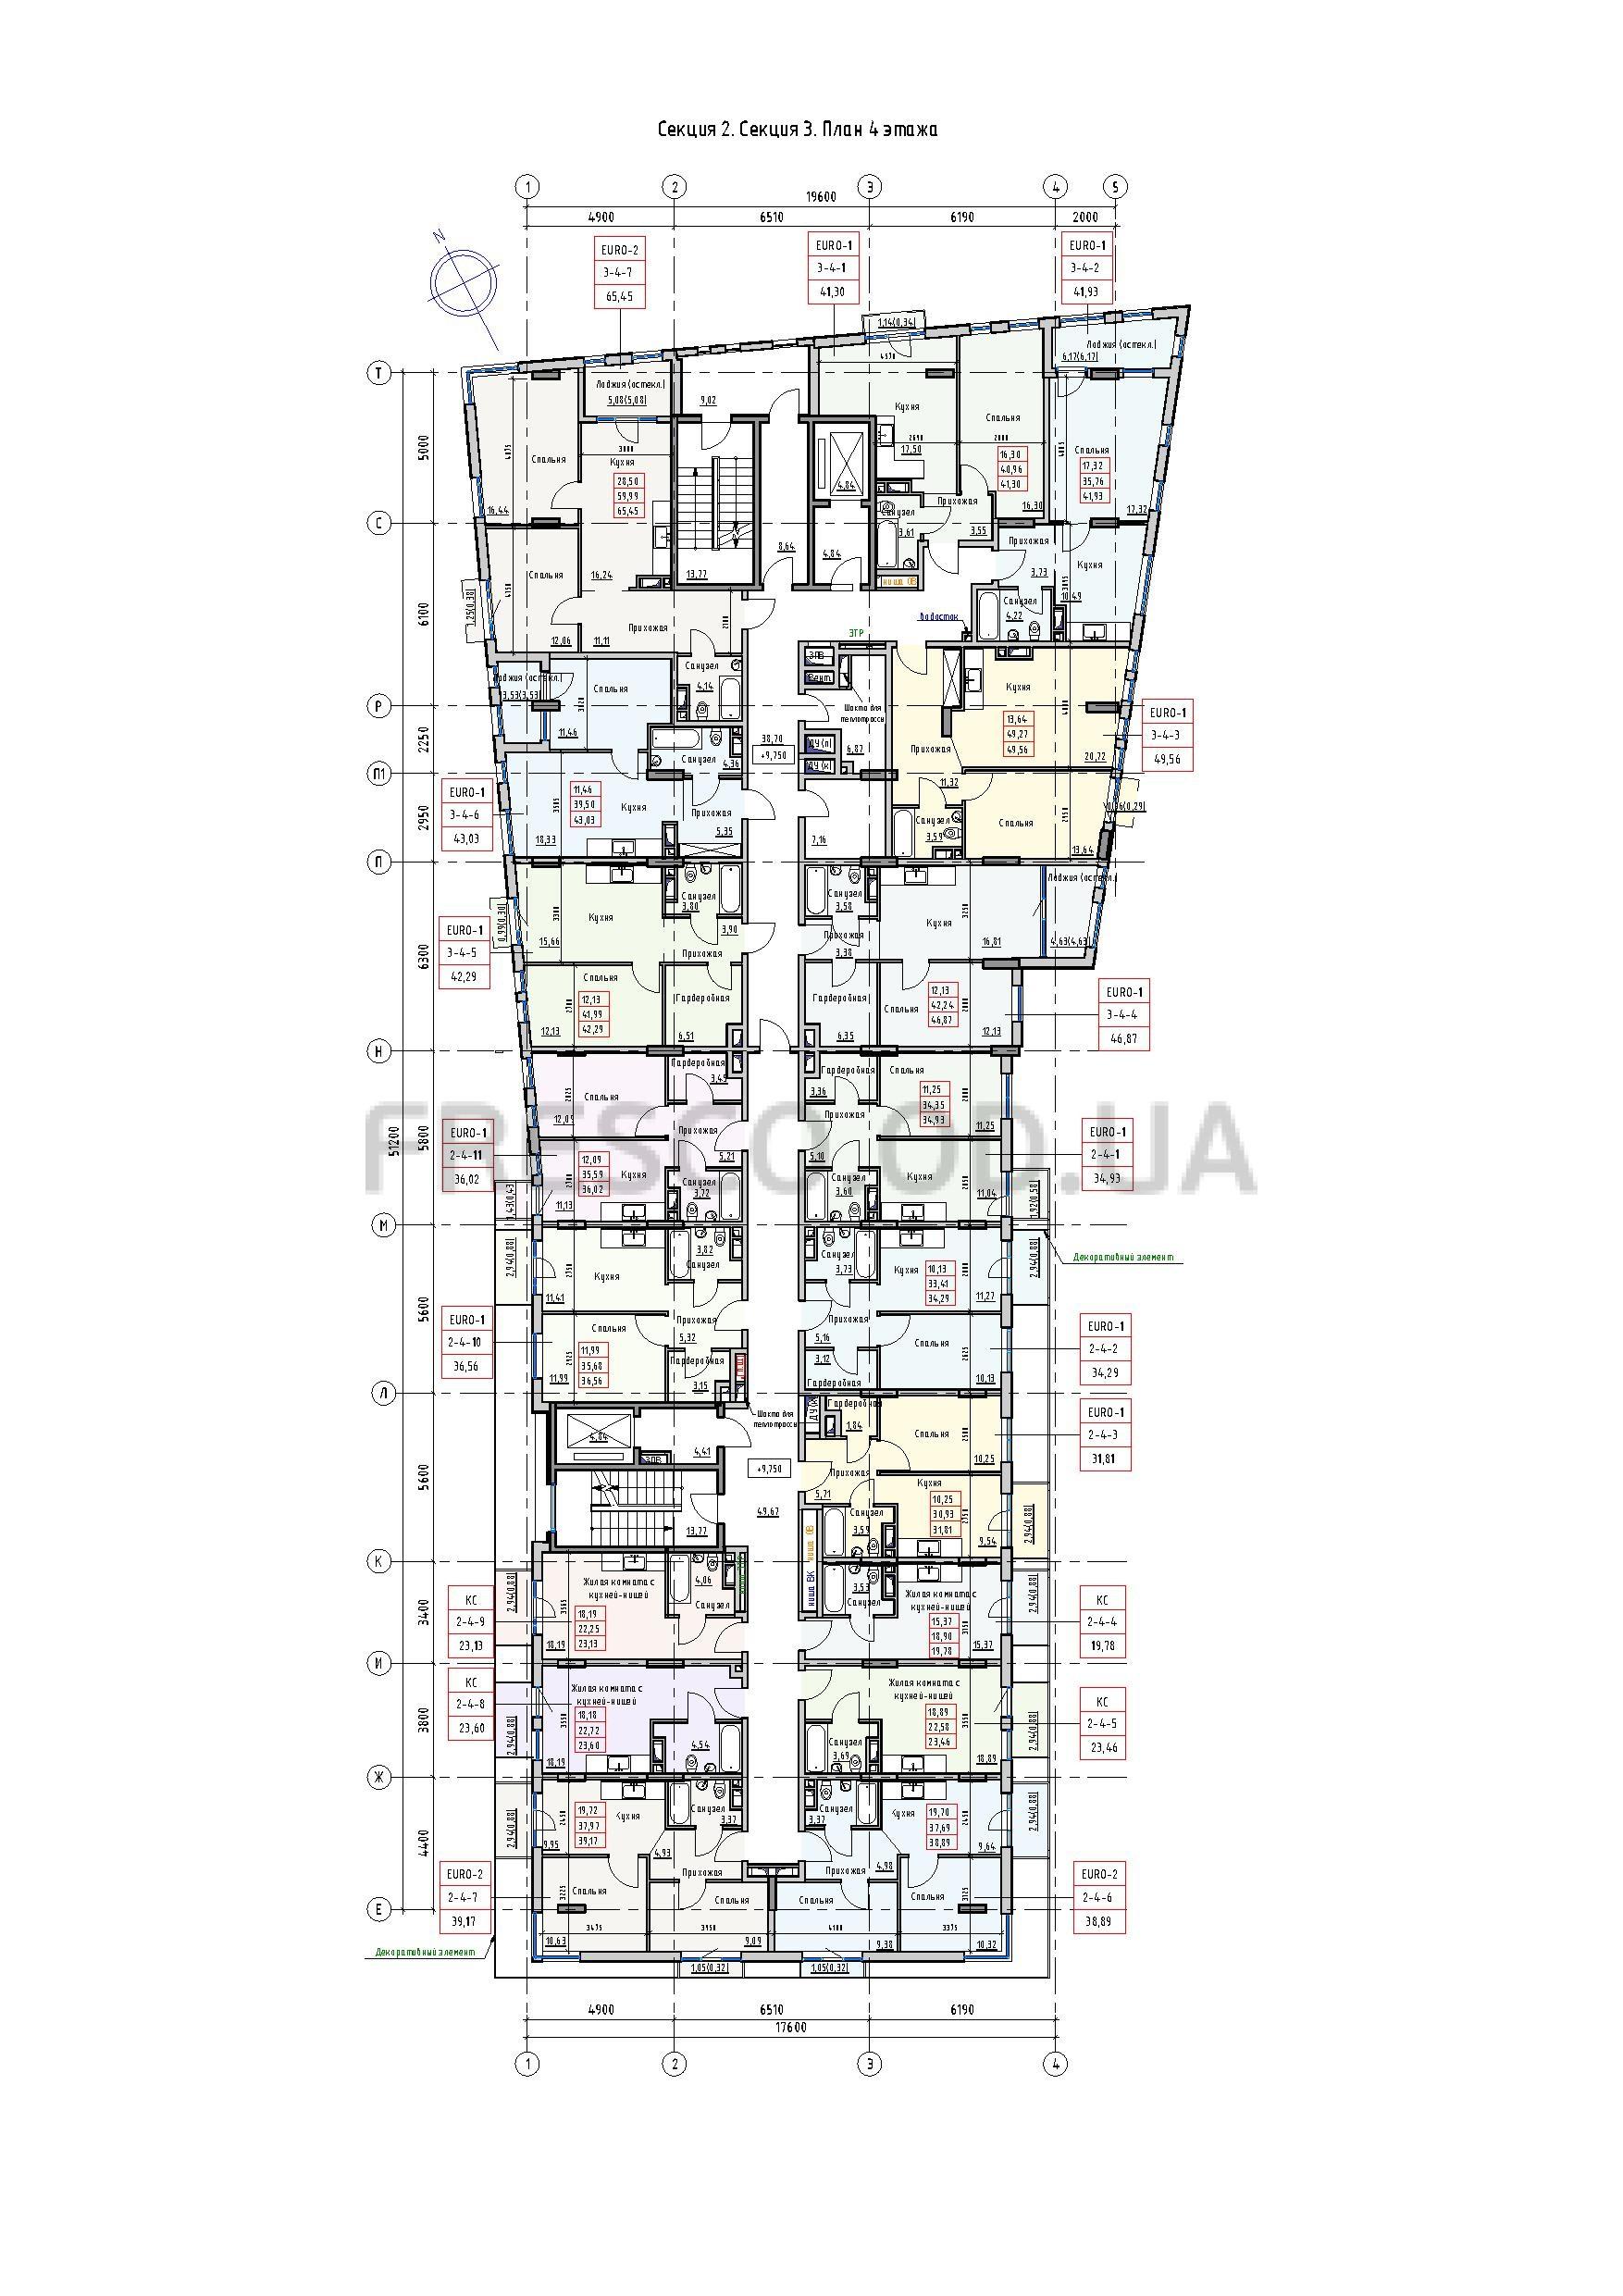 Пространство на Раскидайловской 2,3 секции план 4 этажа